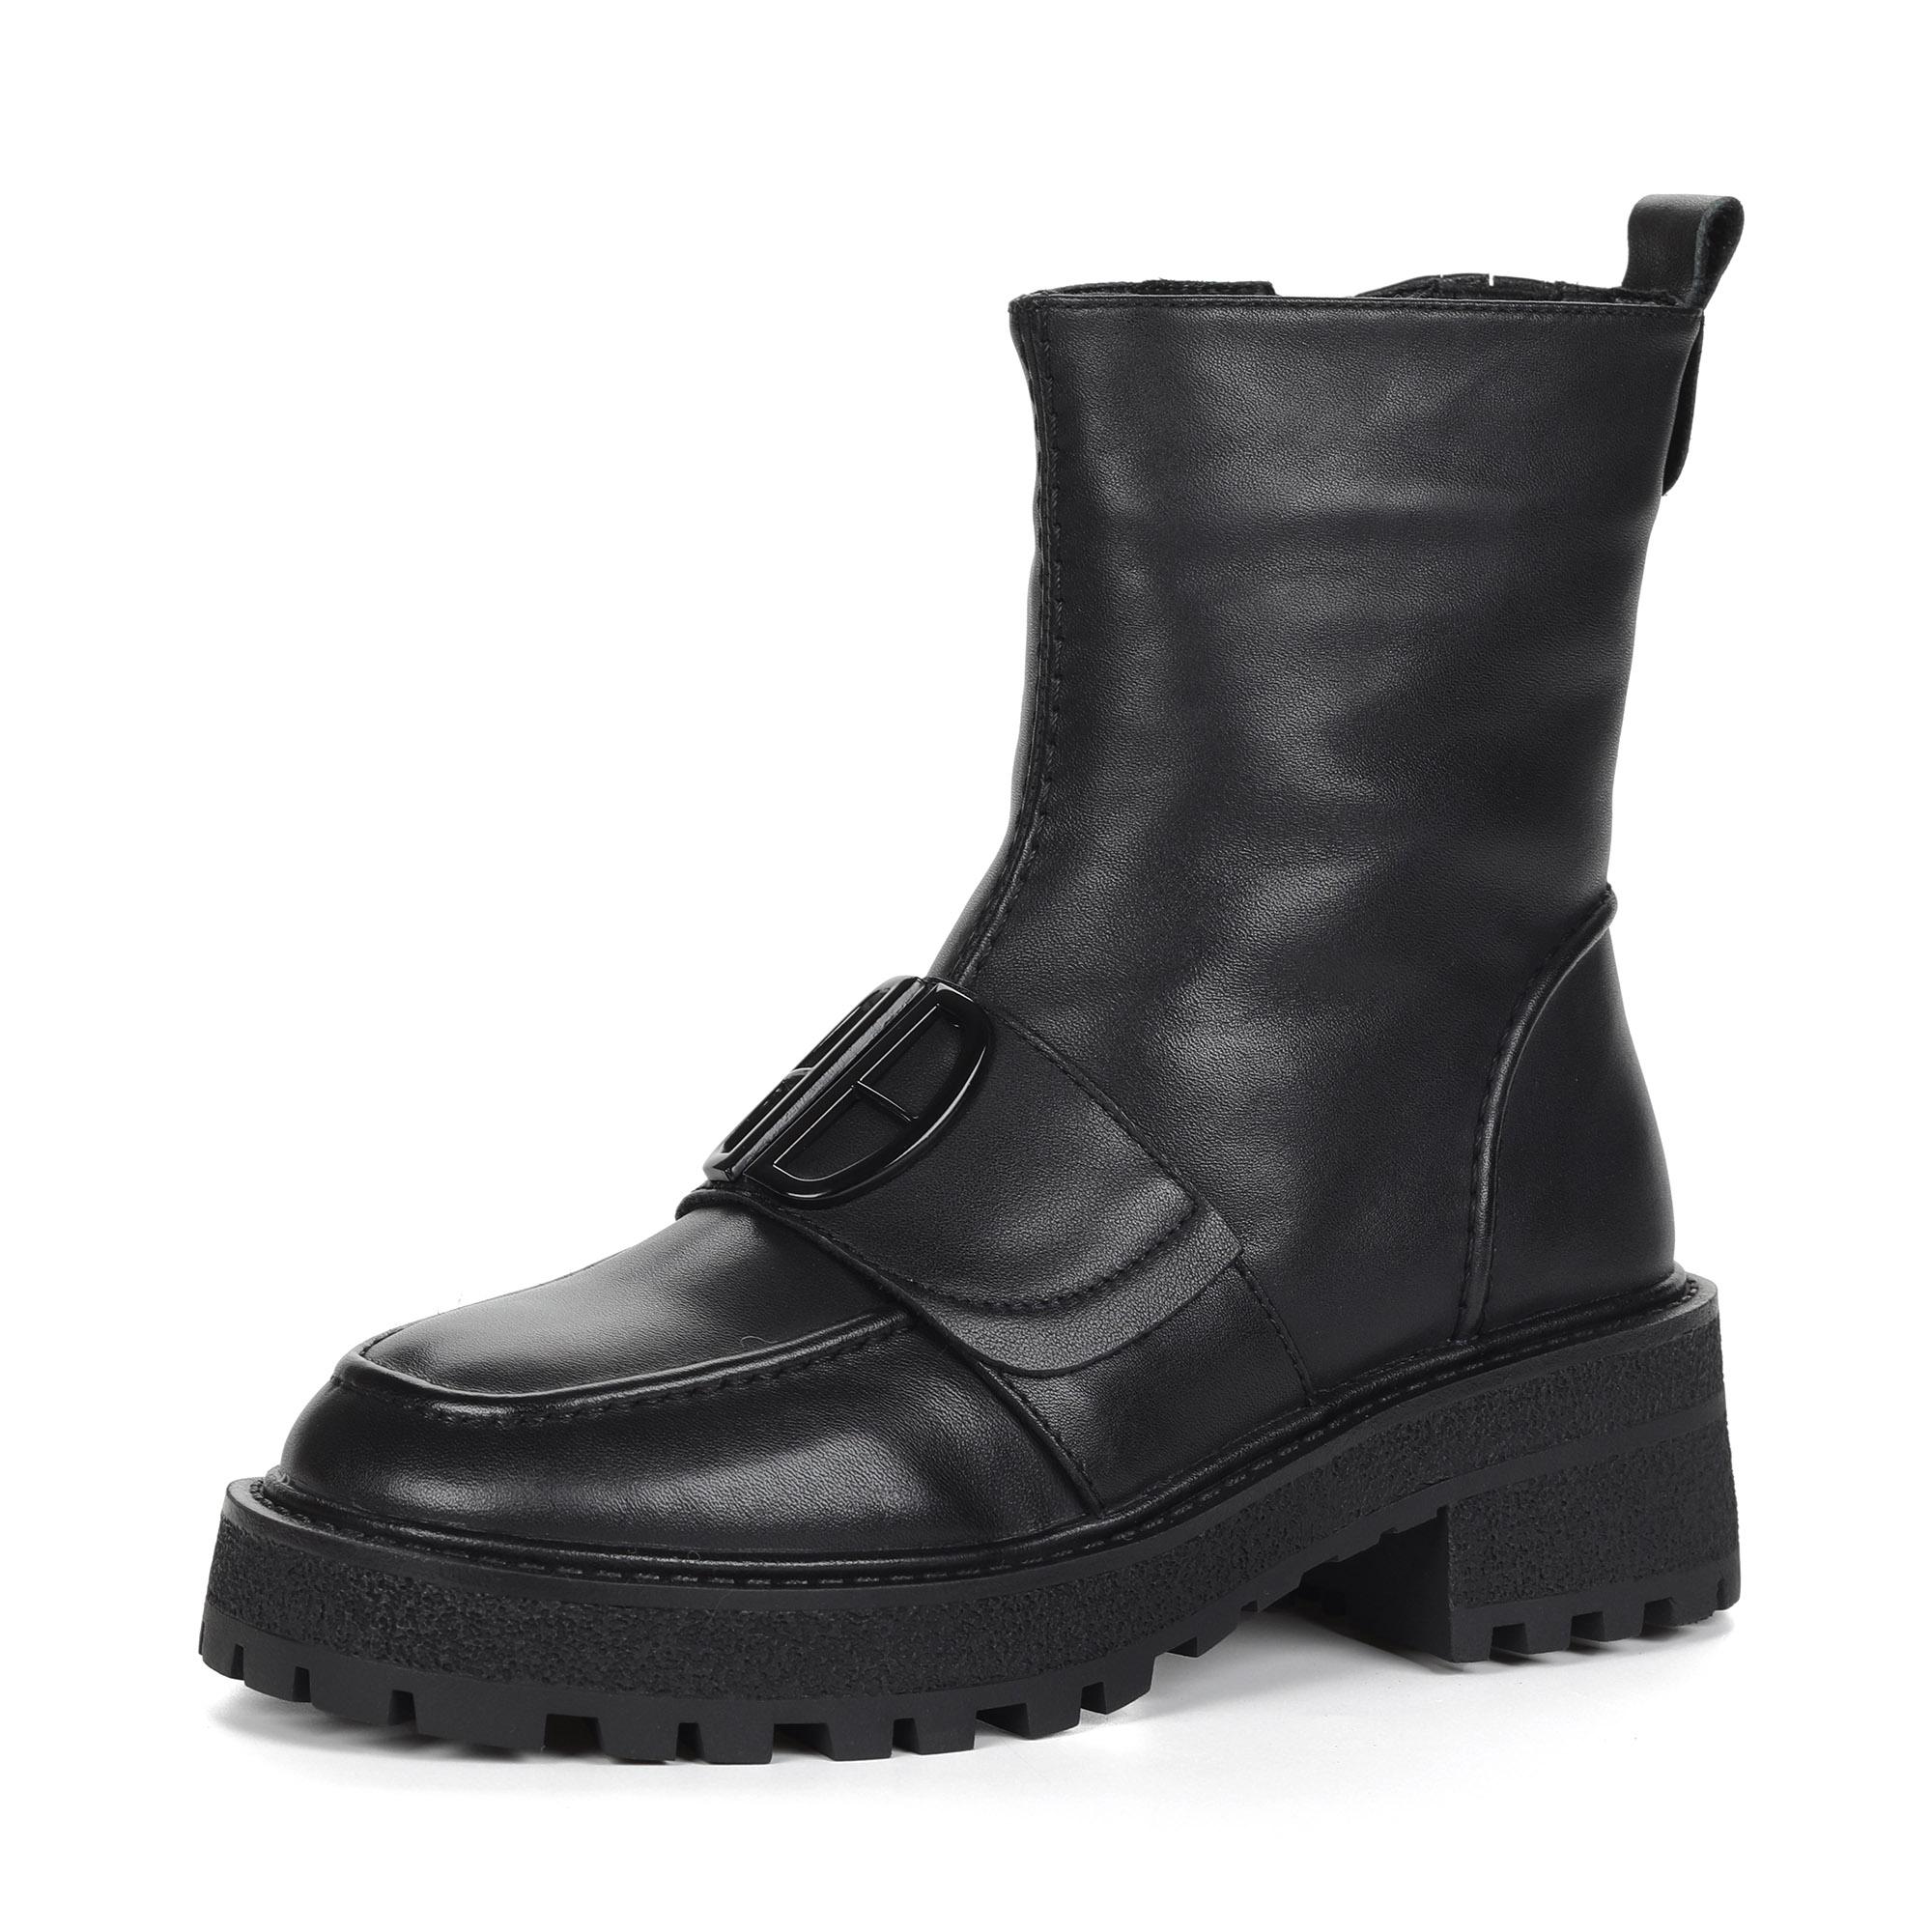 Черные ботинки милитари из кожи на утолщенной подошве на подкладке из натуральной шерсти